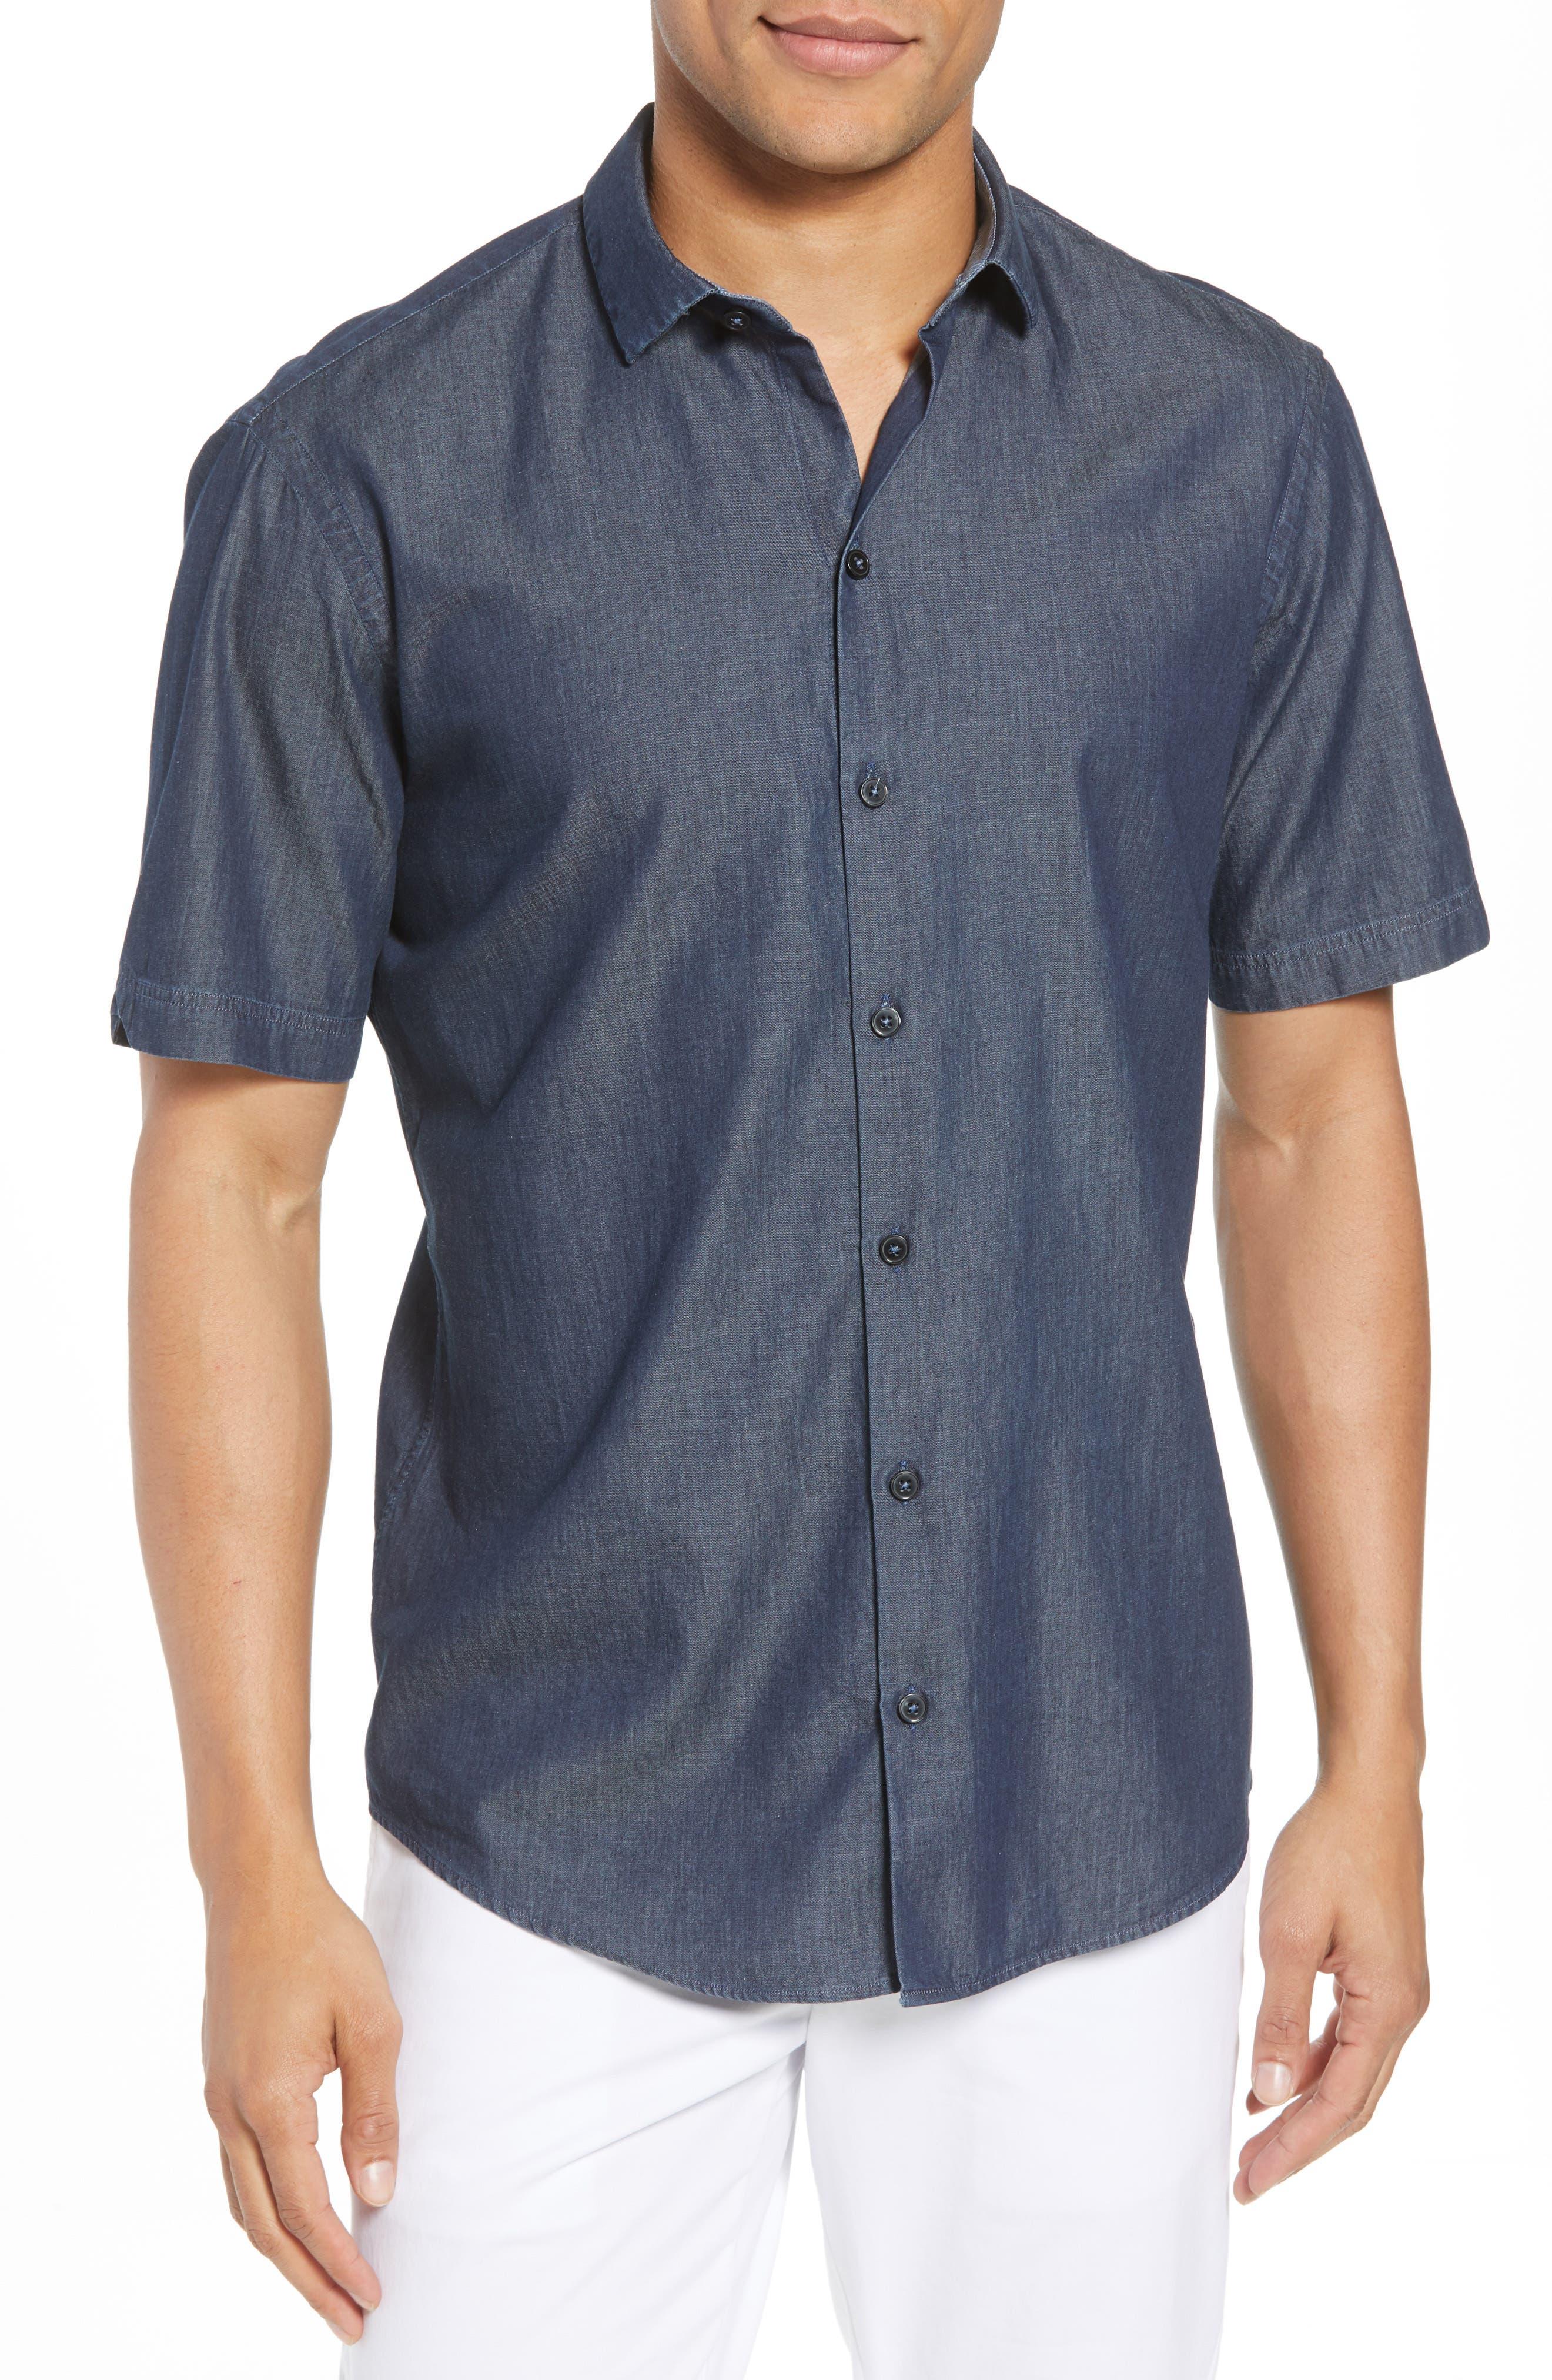 ZACHARY PRELL Manolis Denim Sport Shirt, Main, color, 471